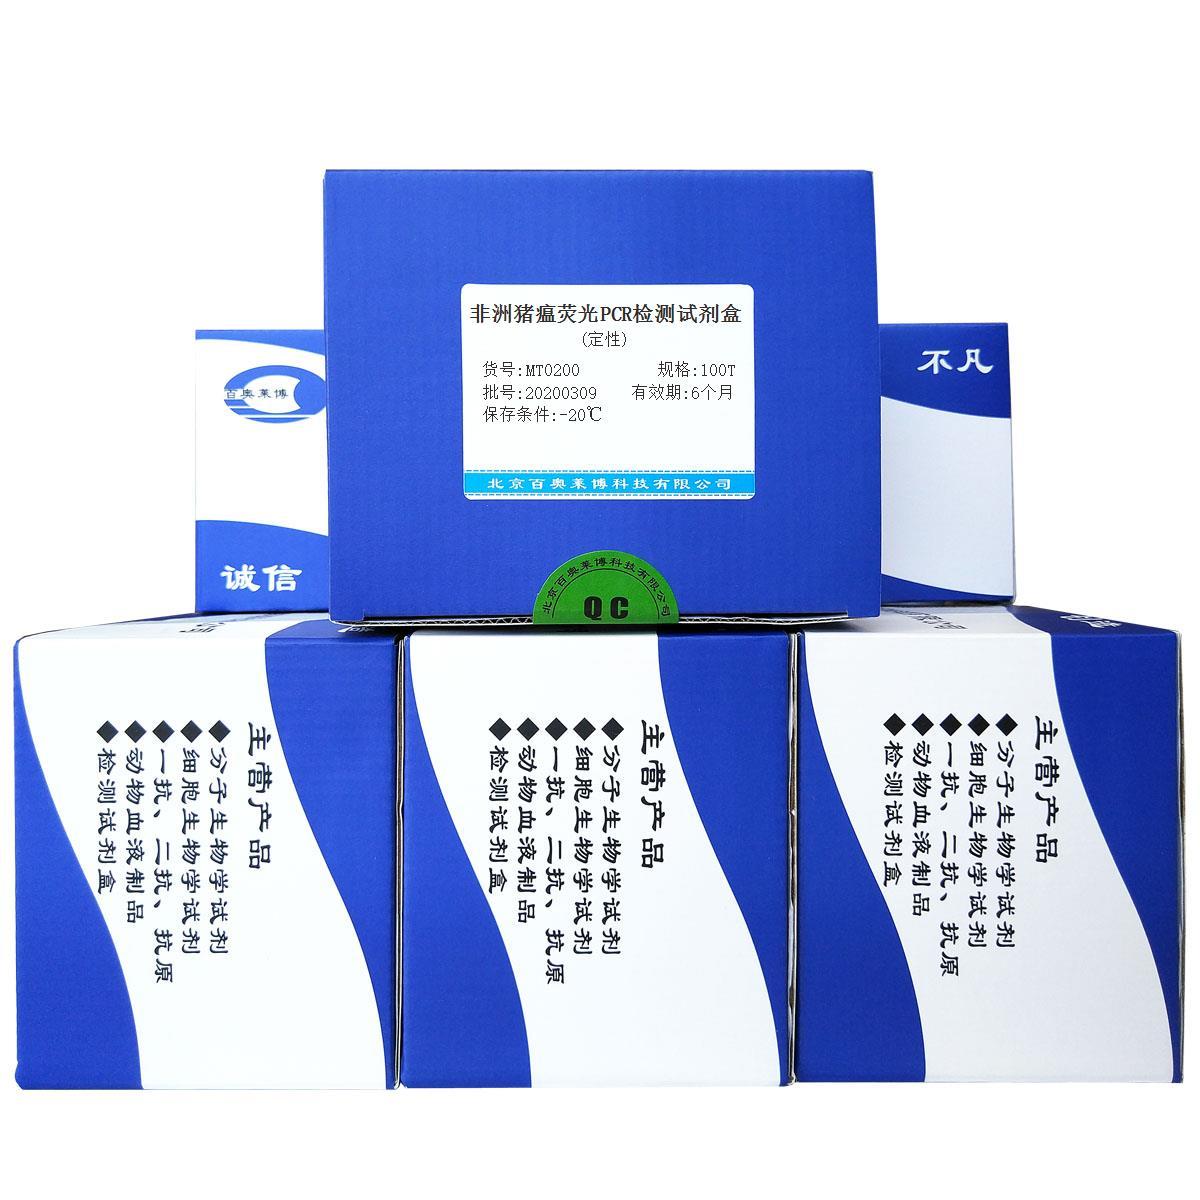 非洲猪瘟荧光PCR检测试剂盒(定性)报价